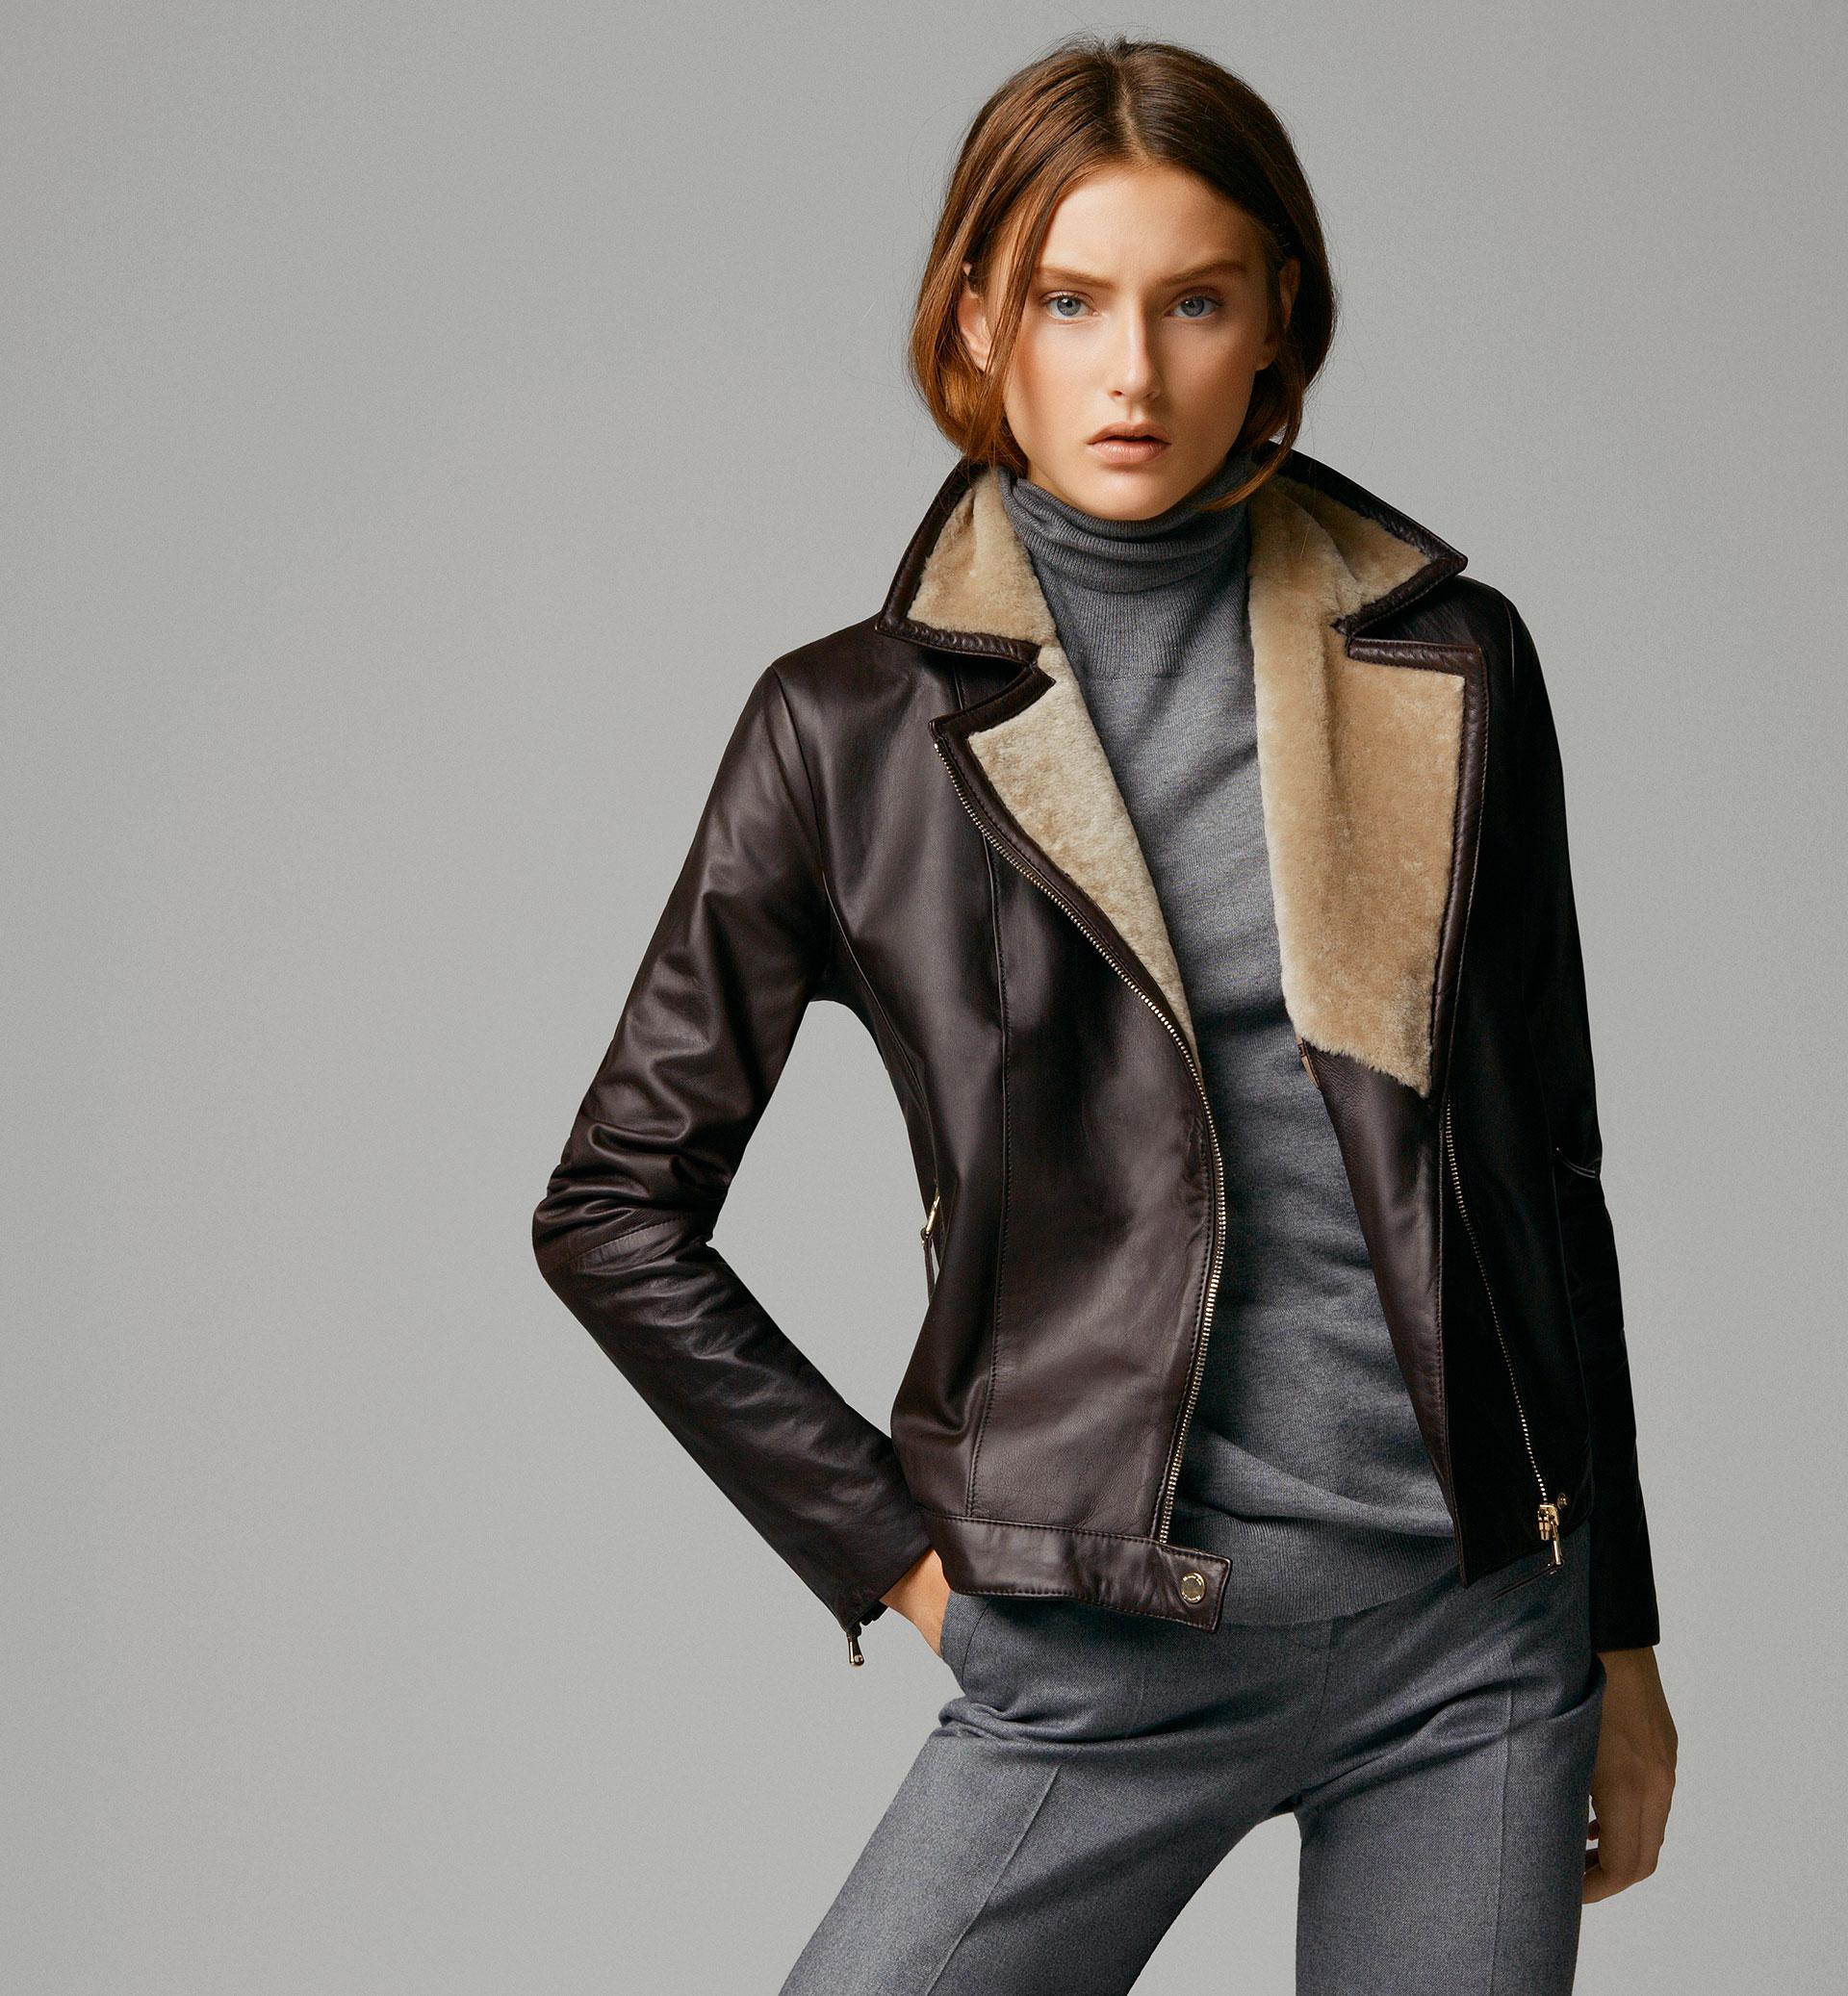 NEW! Massimo Dutti Lambskin leather jacket